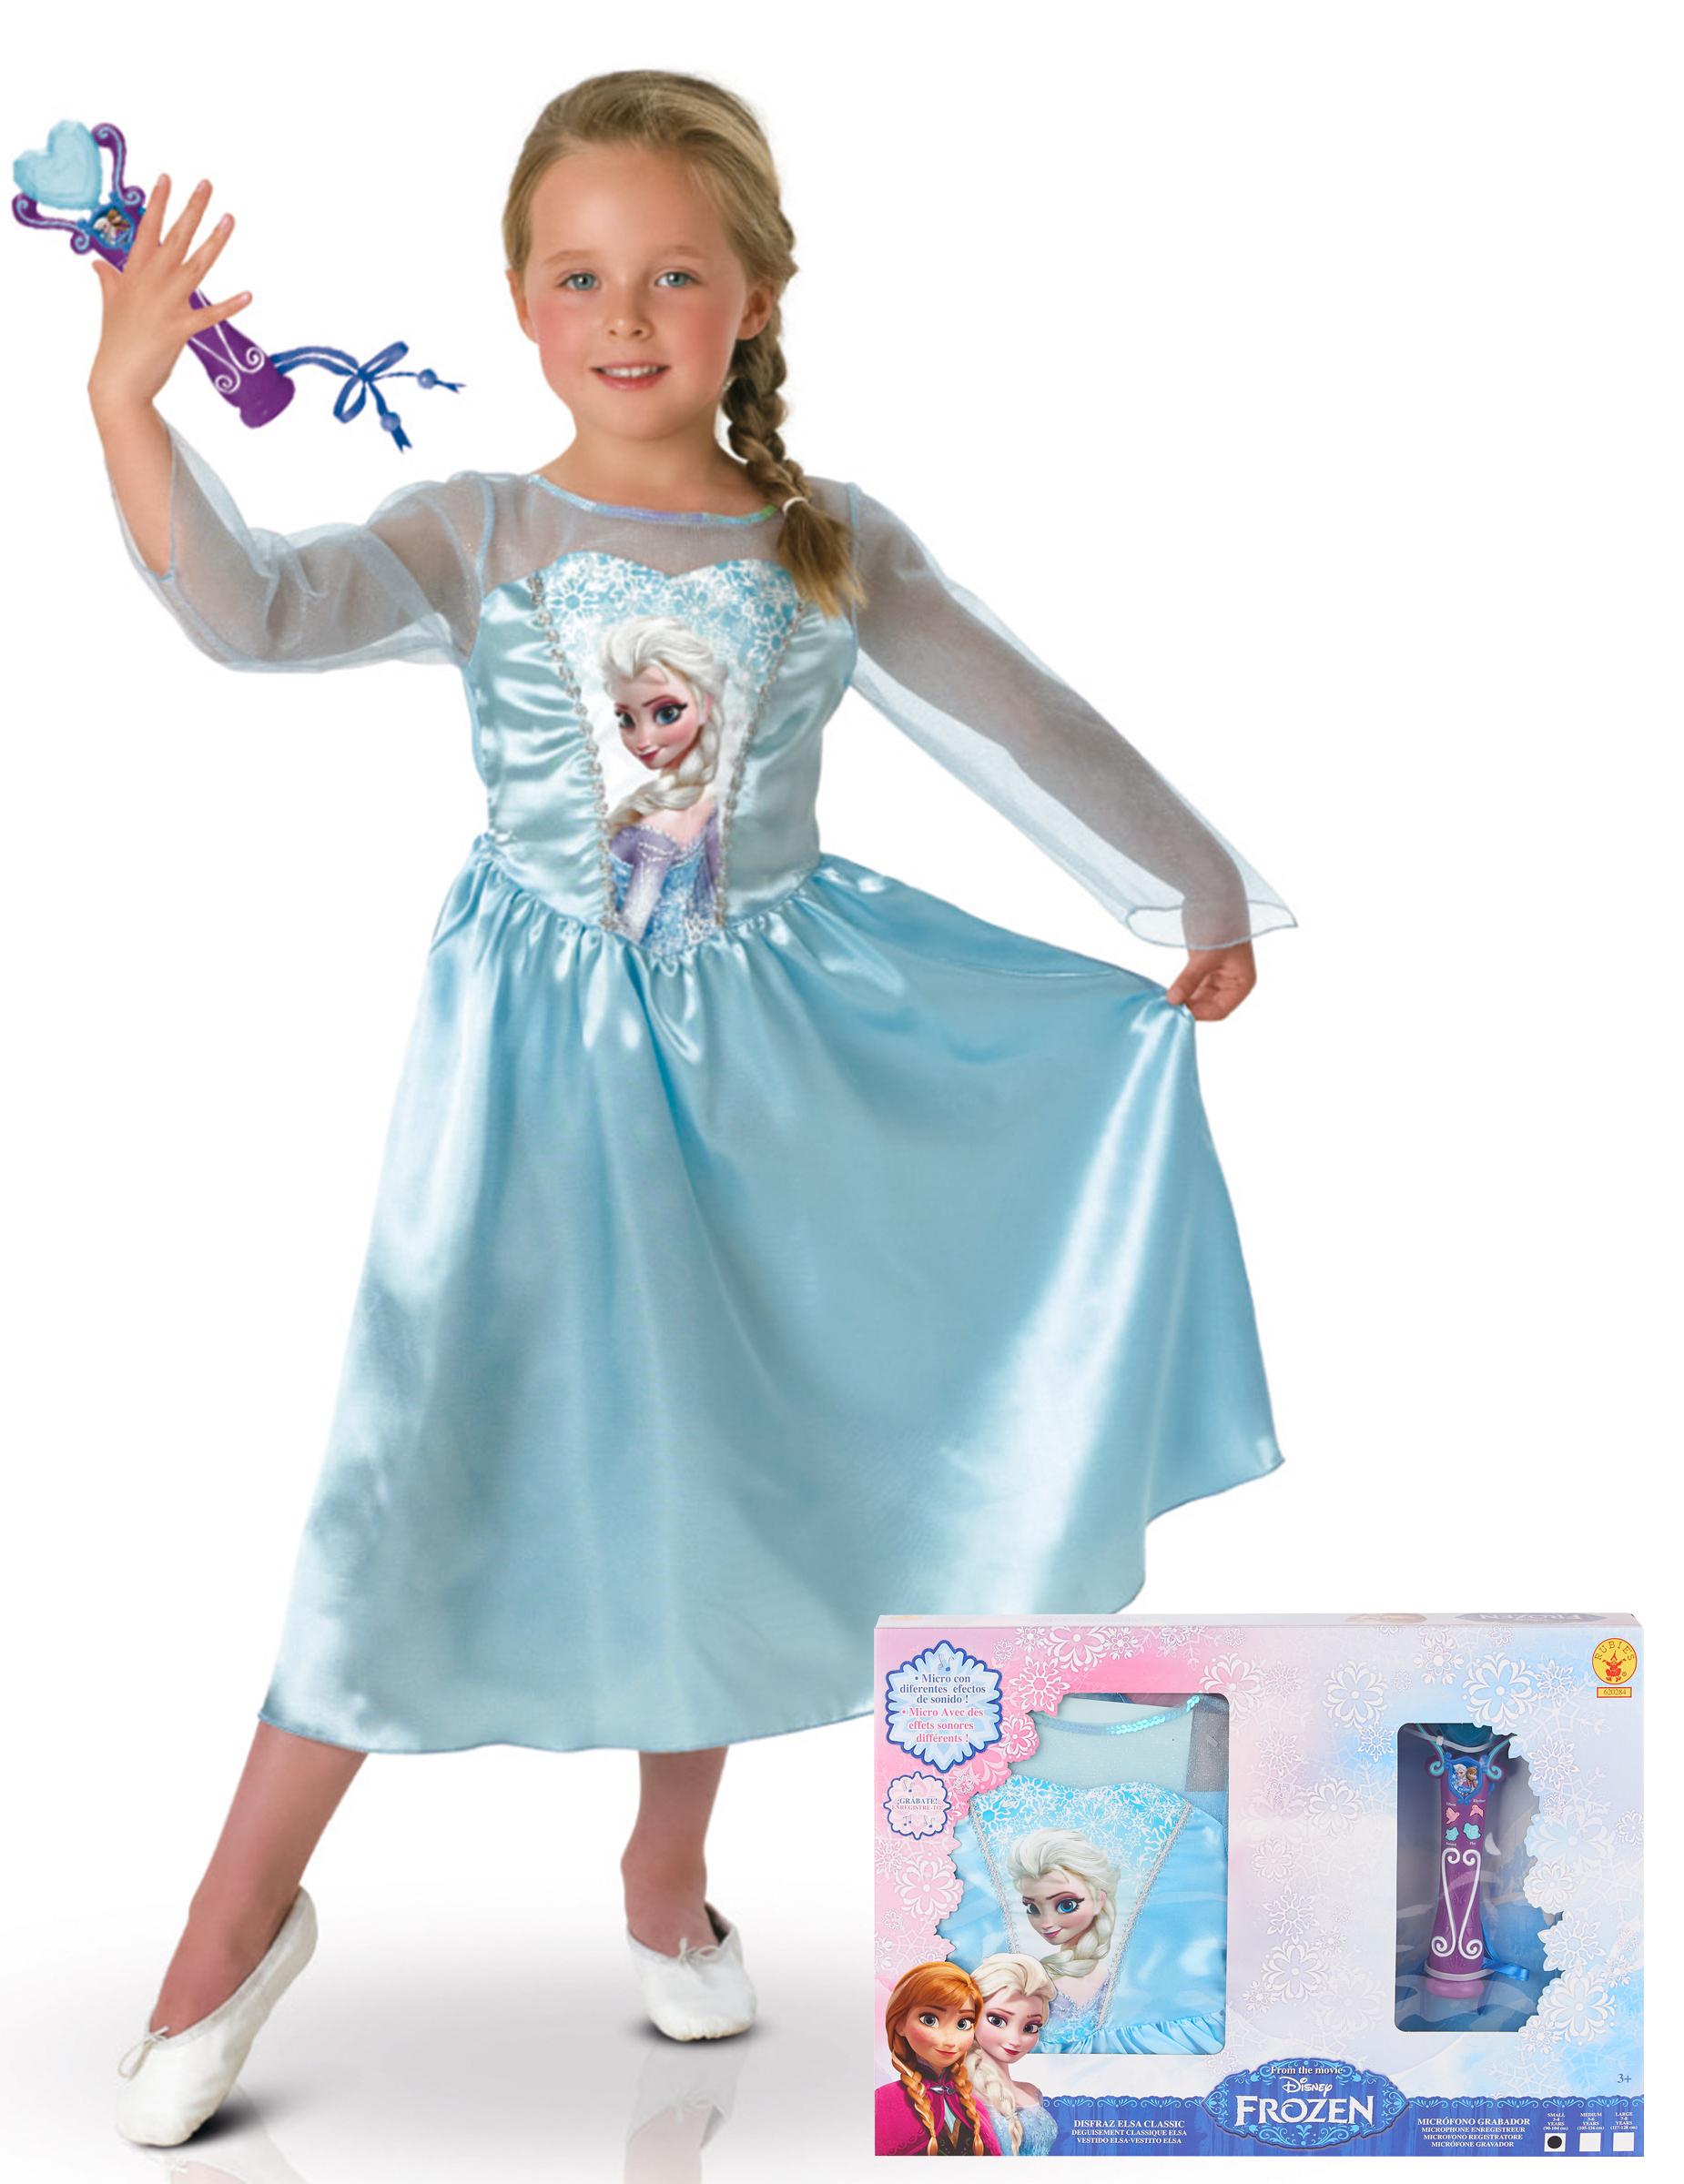 Prinzessin Elsa Kinderkostum Frozen Filmkostum Blau Gunstige